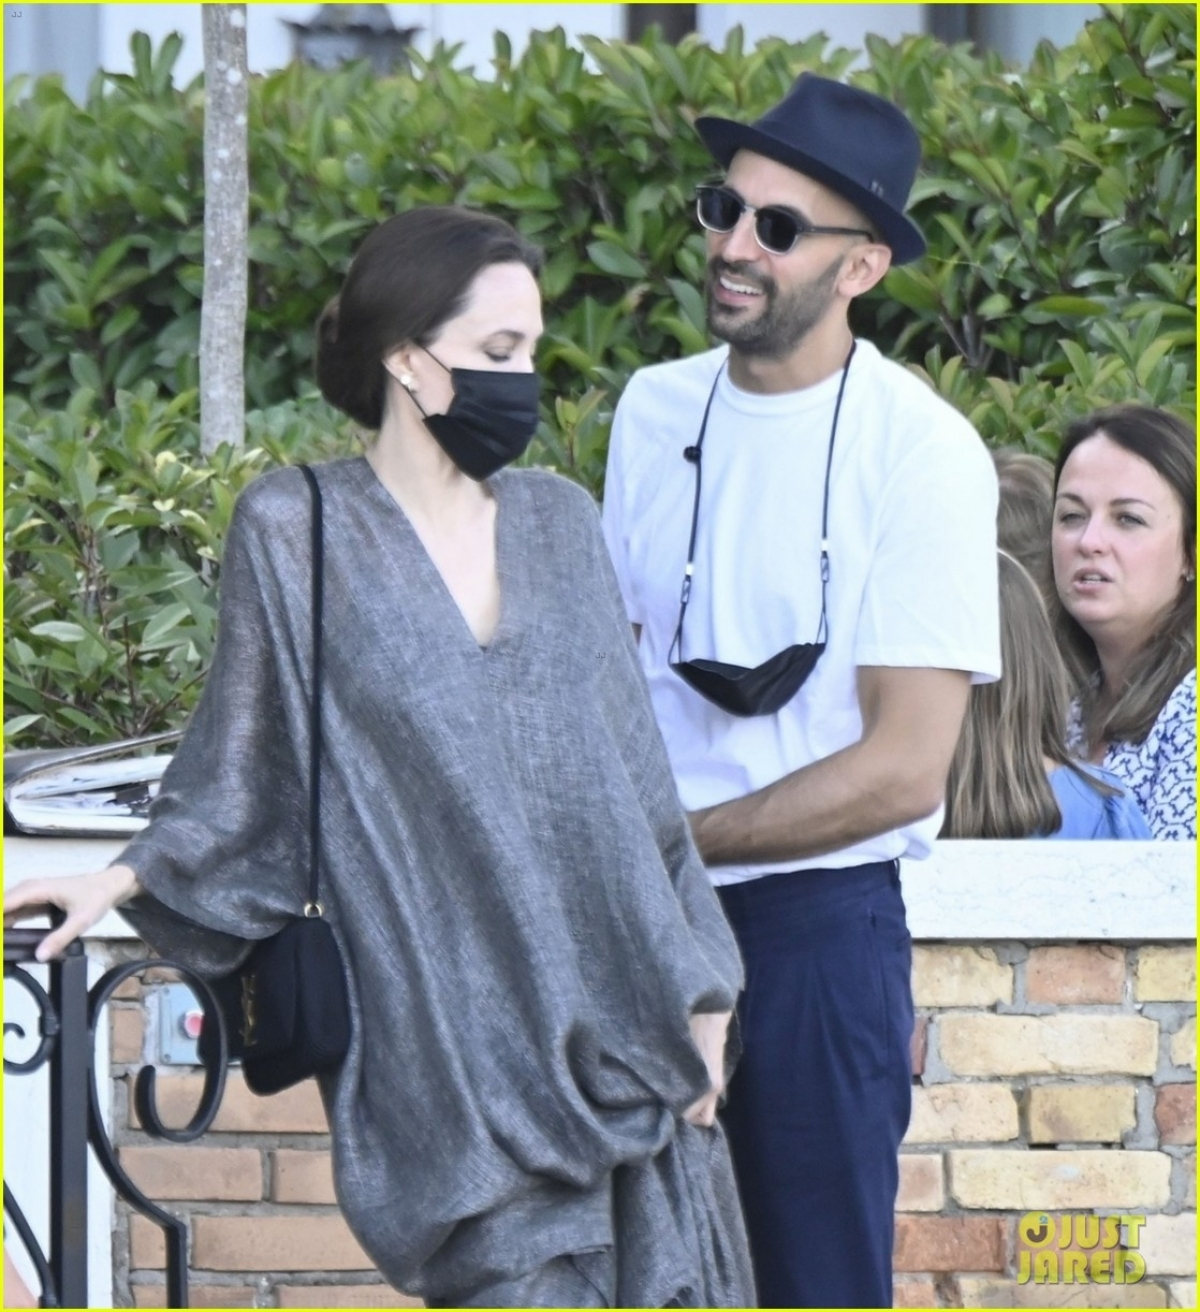 """Angelina đã đấu tranh đến cùng để giành được quyền nuôi con, tin rằng đó là điều tốt nhất cho các con và không ngại tiếp tục """"chiến đấu"""" với Brad ở tòa trong thời gian tới."""